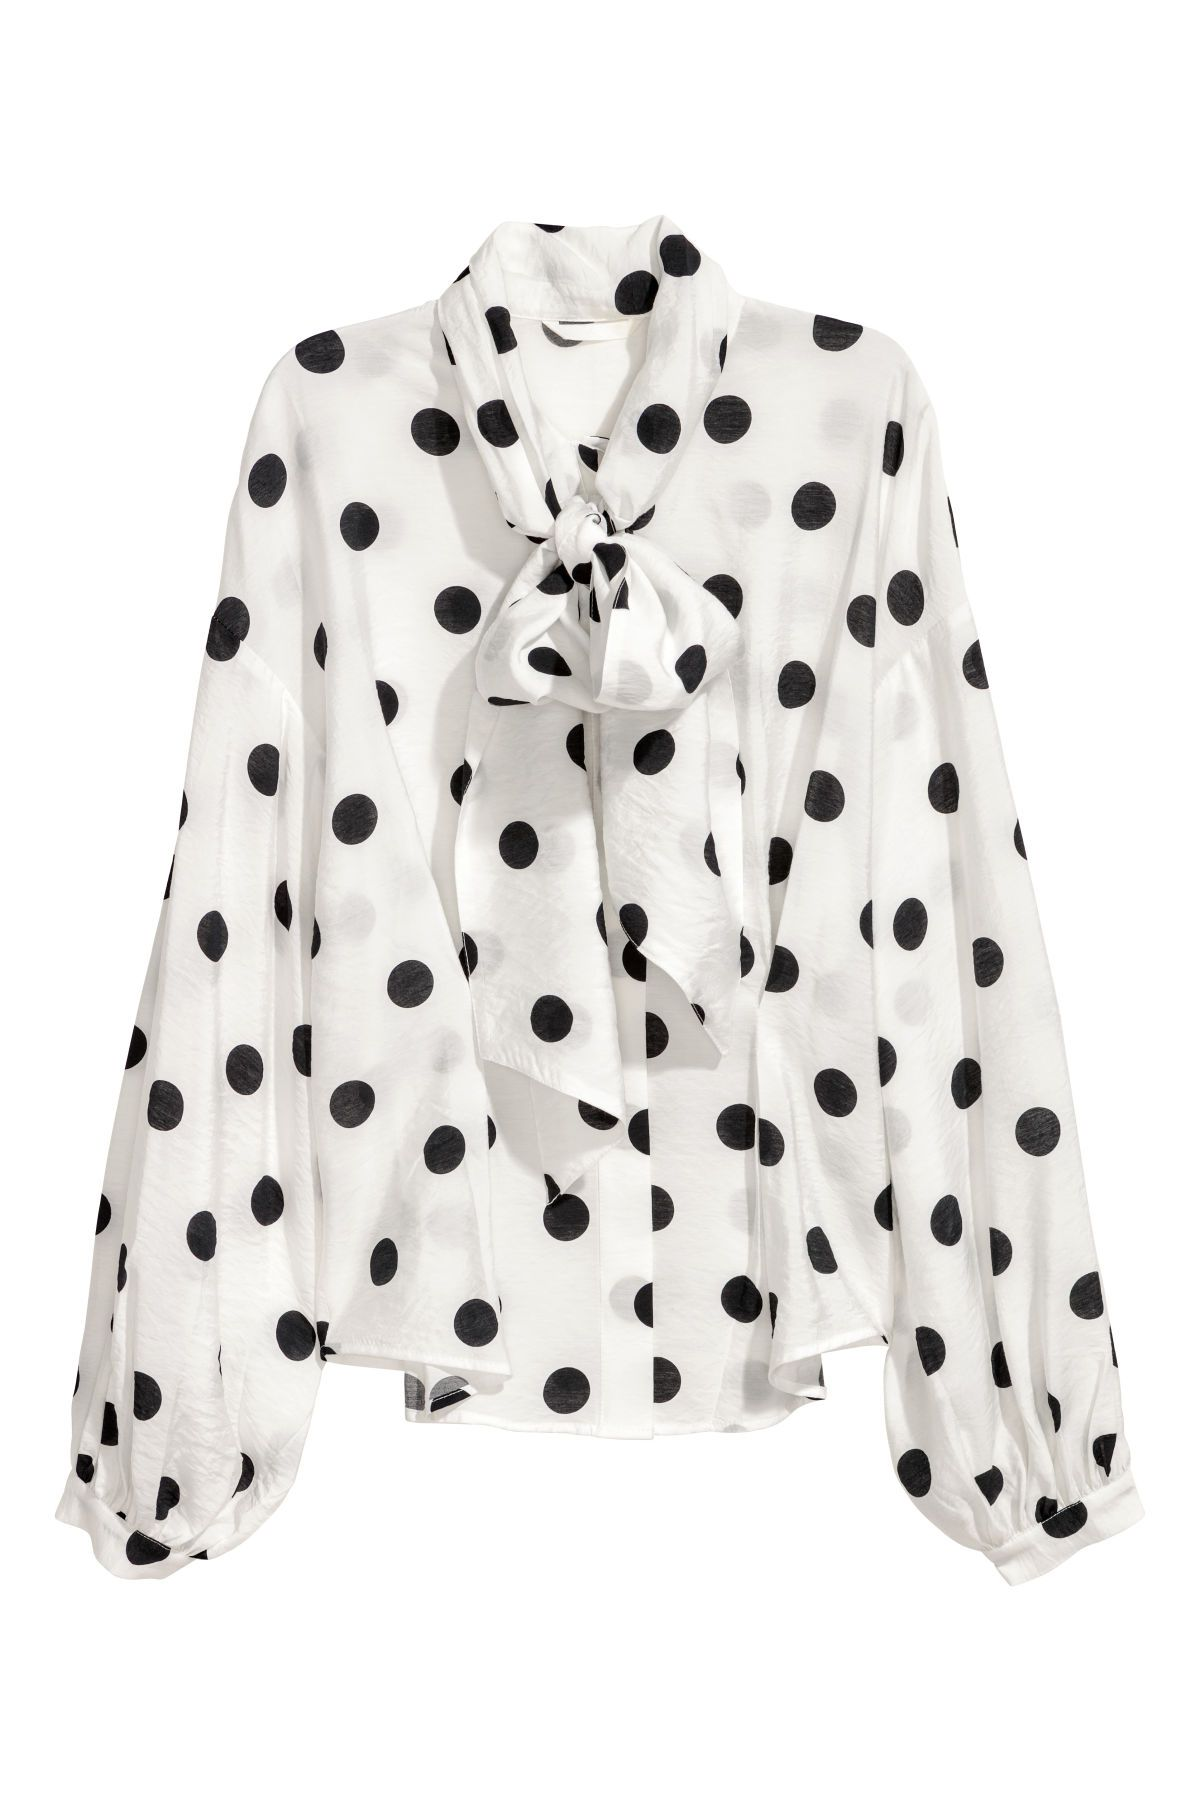 88c816fae42f Weiß Schwarz gepunktet. Bluse aus Viskosestoff mit Punktedruck. Modell mit  Kragen, langen